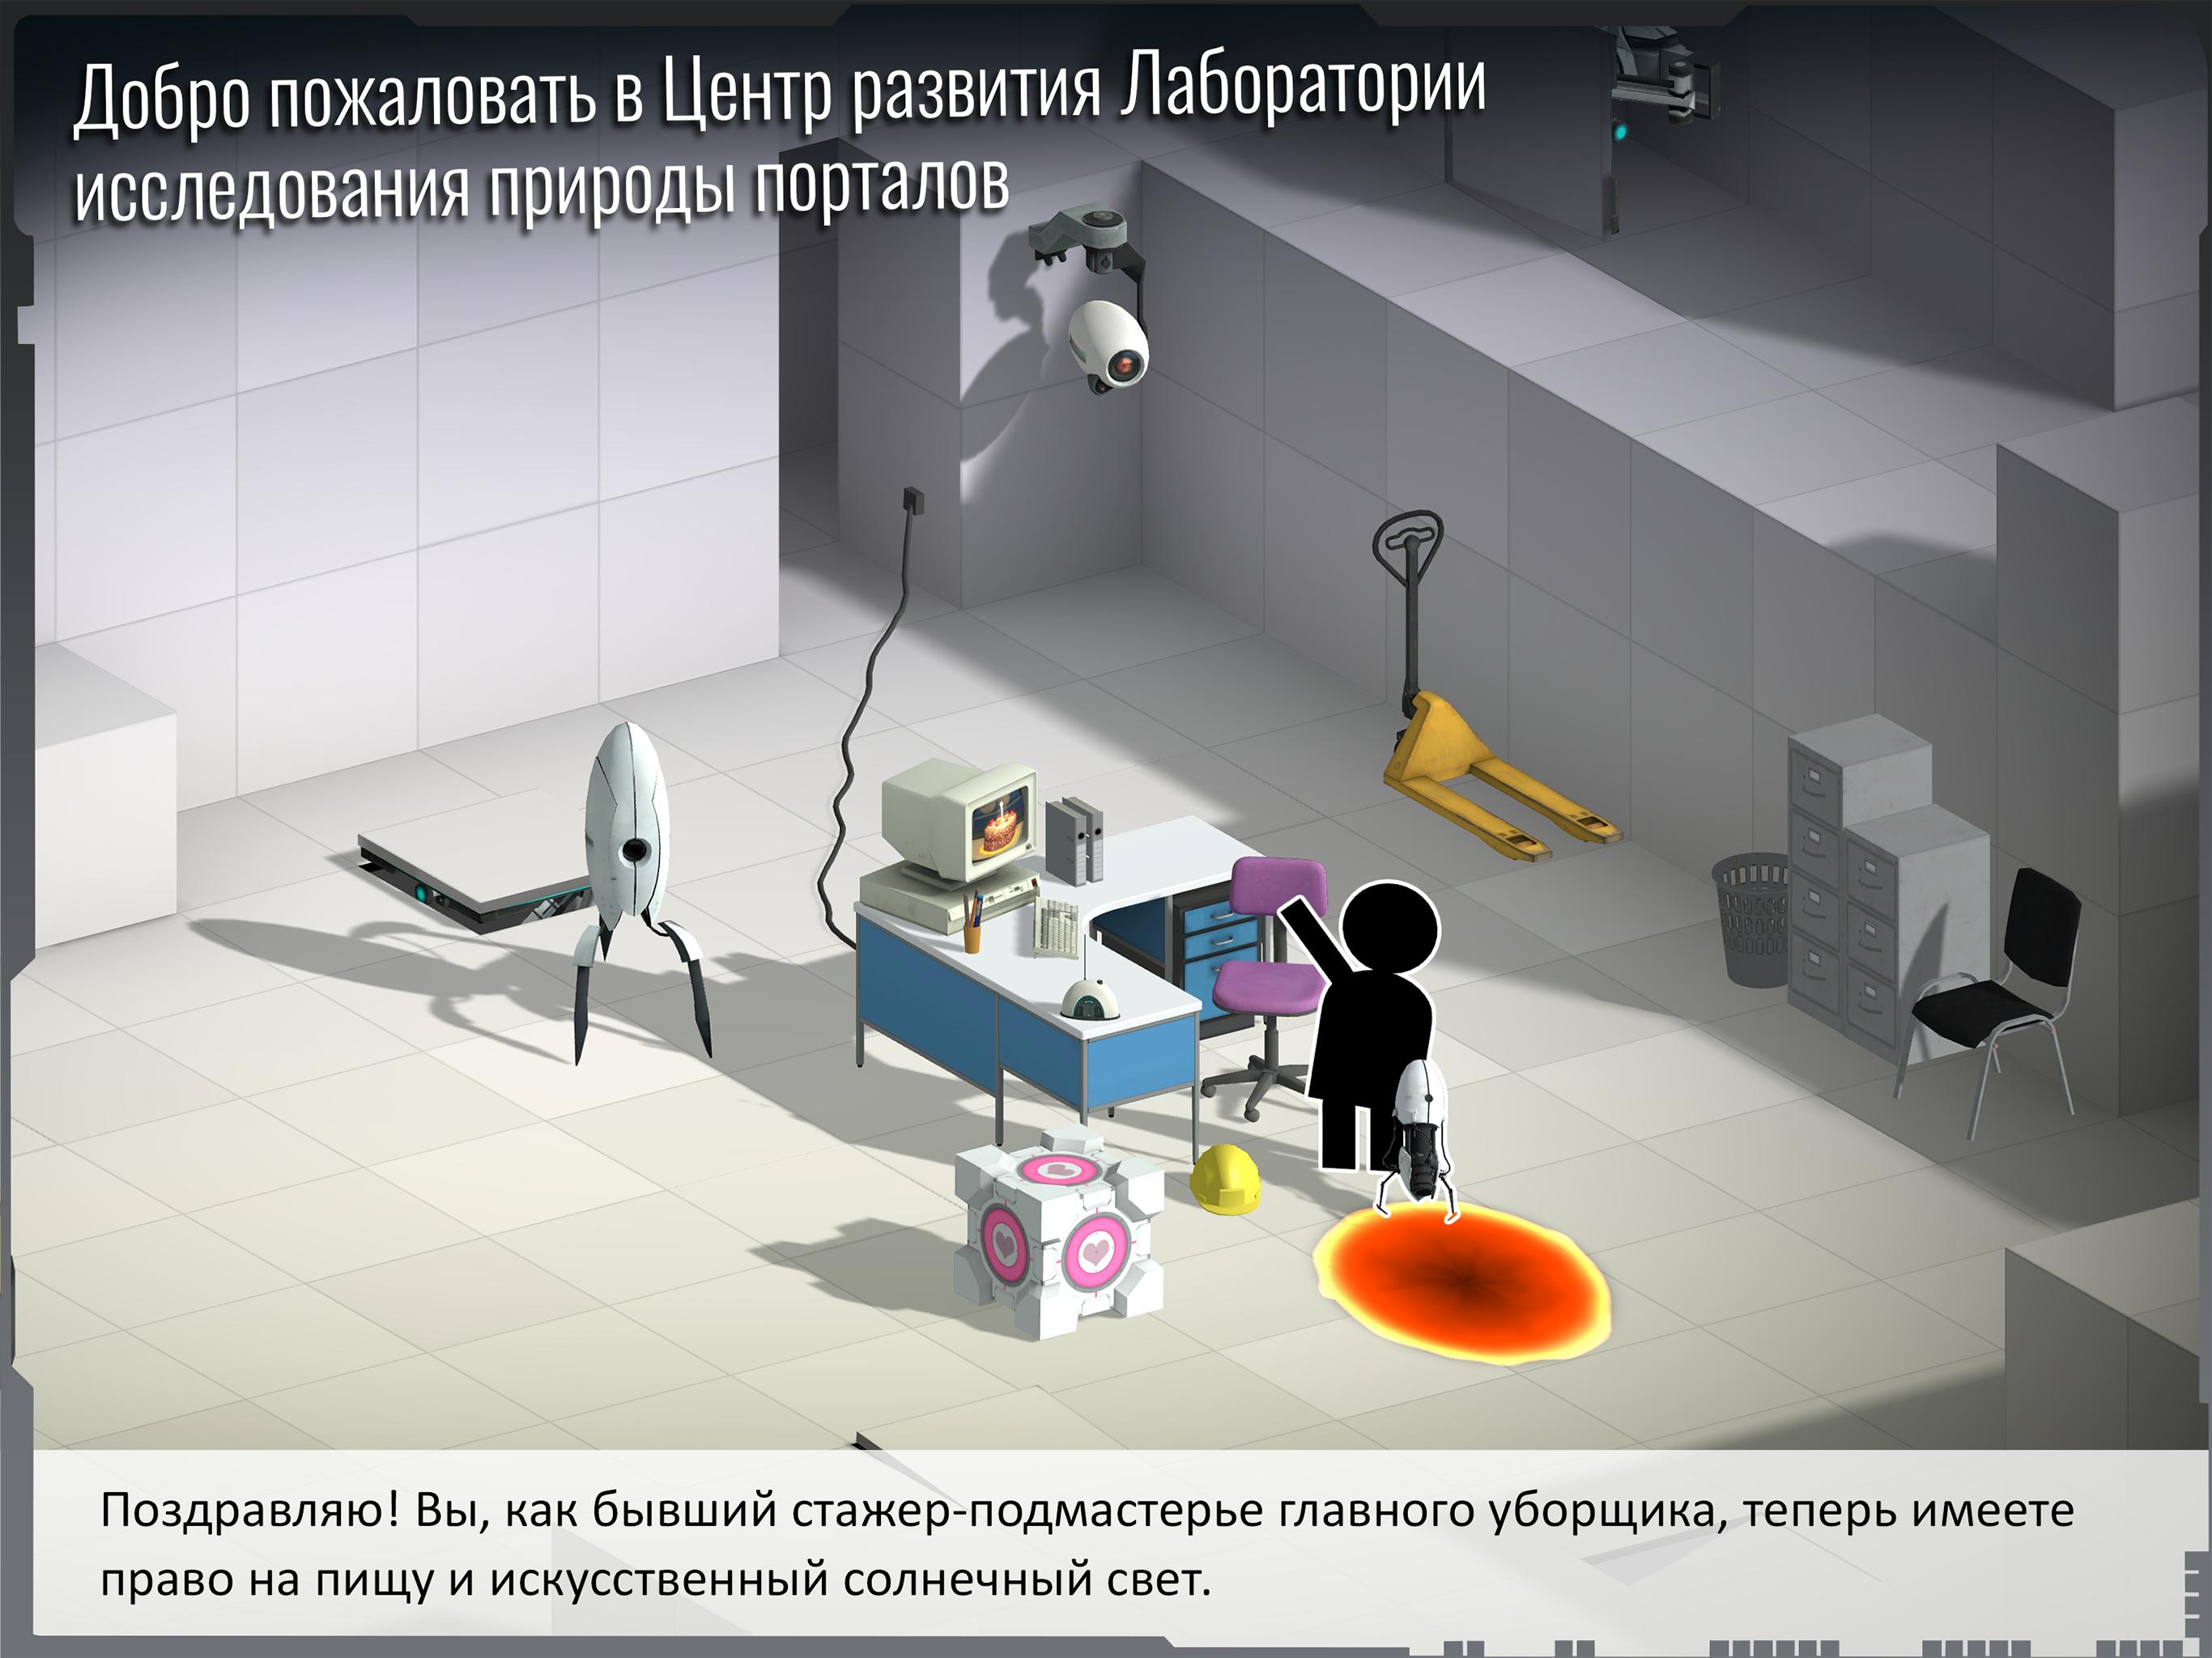 Скачать bridge constructor: portal 1. 3 для android.